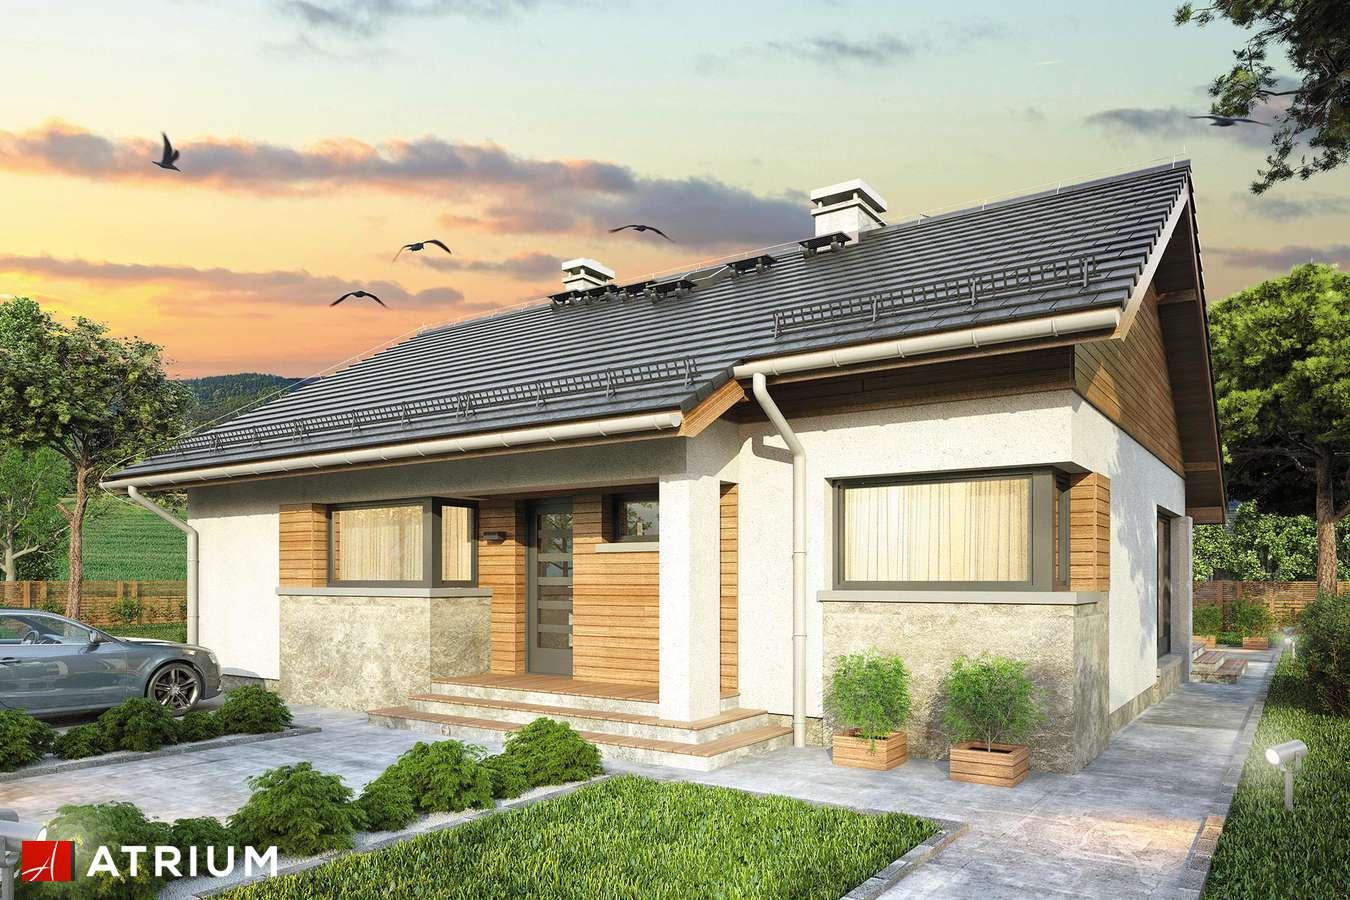 Projekty domów - Projekt domu parterowego ROY II - wizualizacja 1